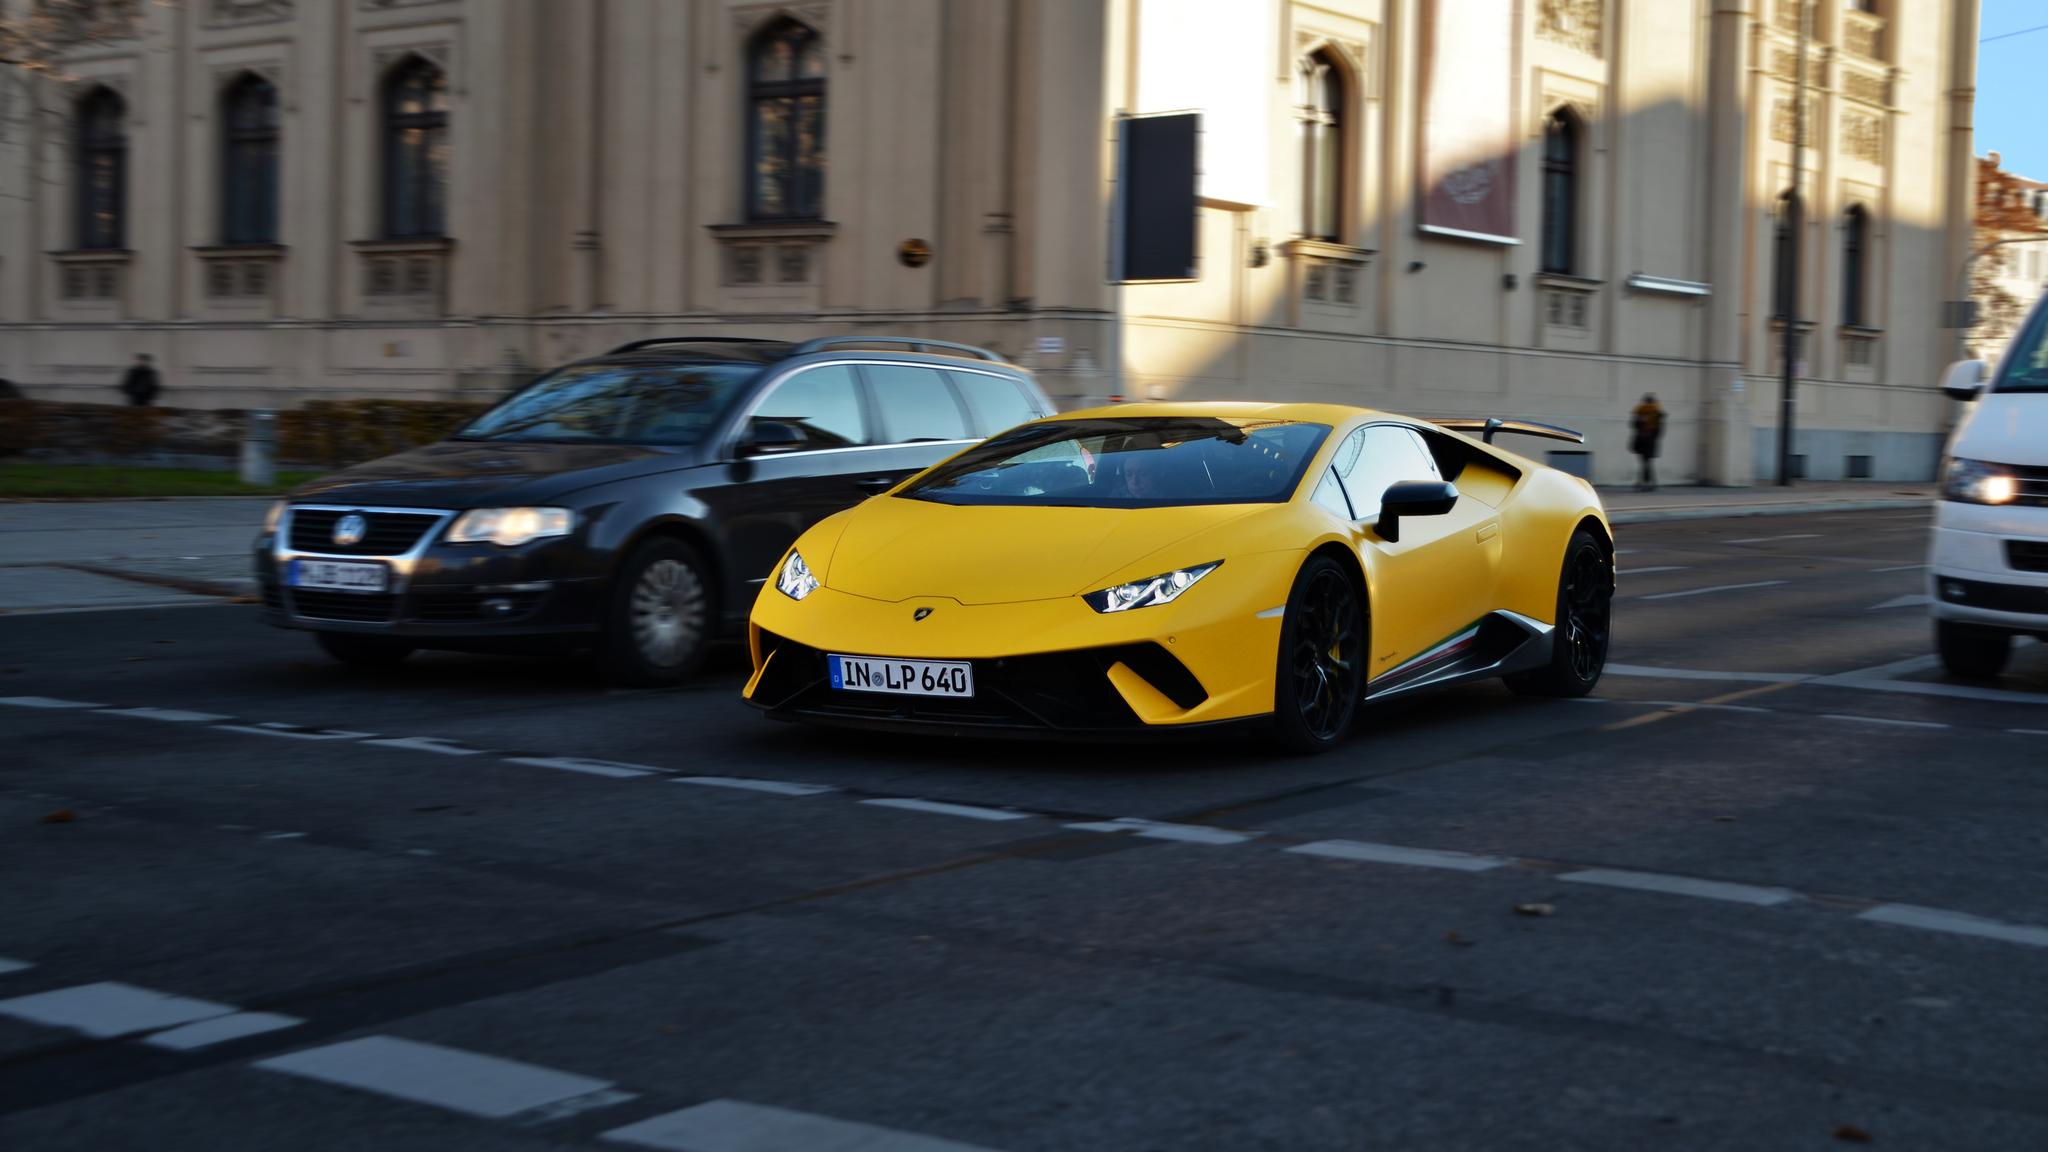 Lamborghini Huracan Performante - IN-LP-640